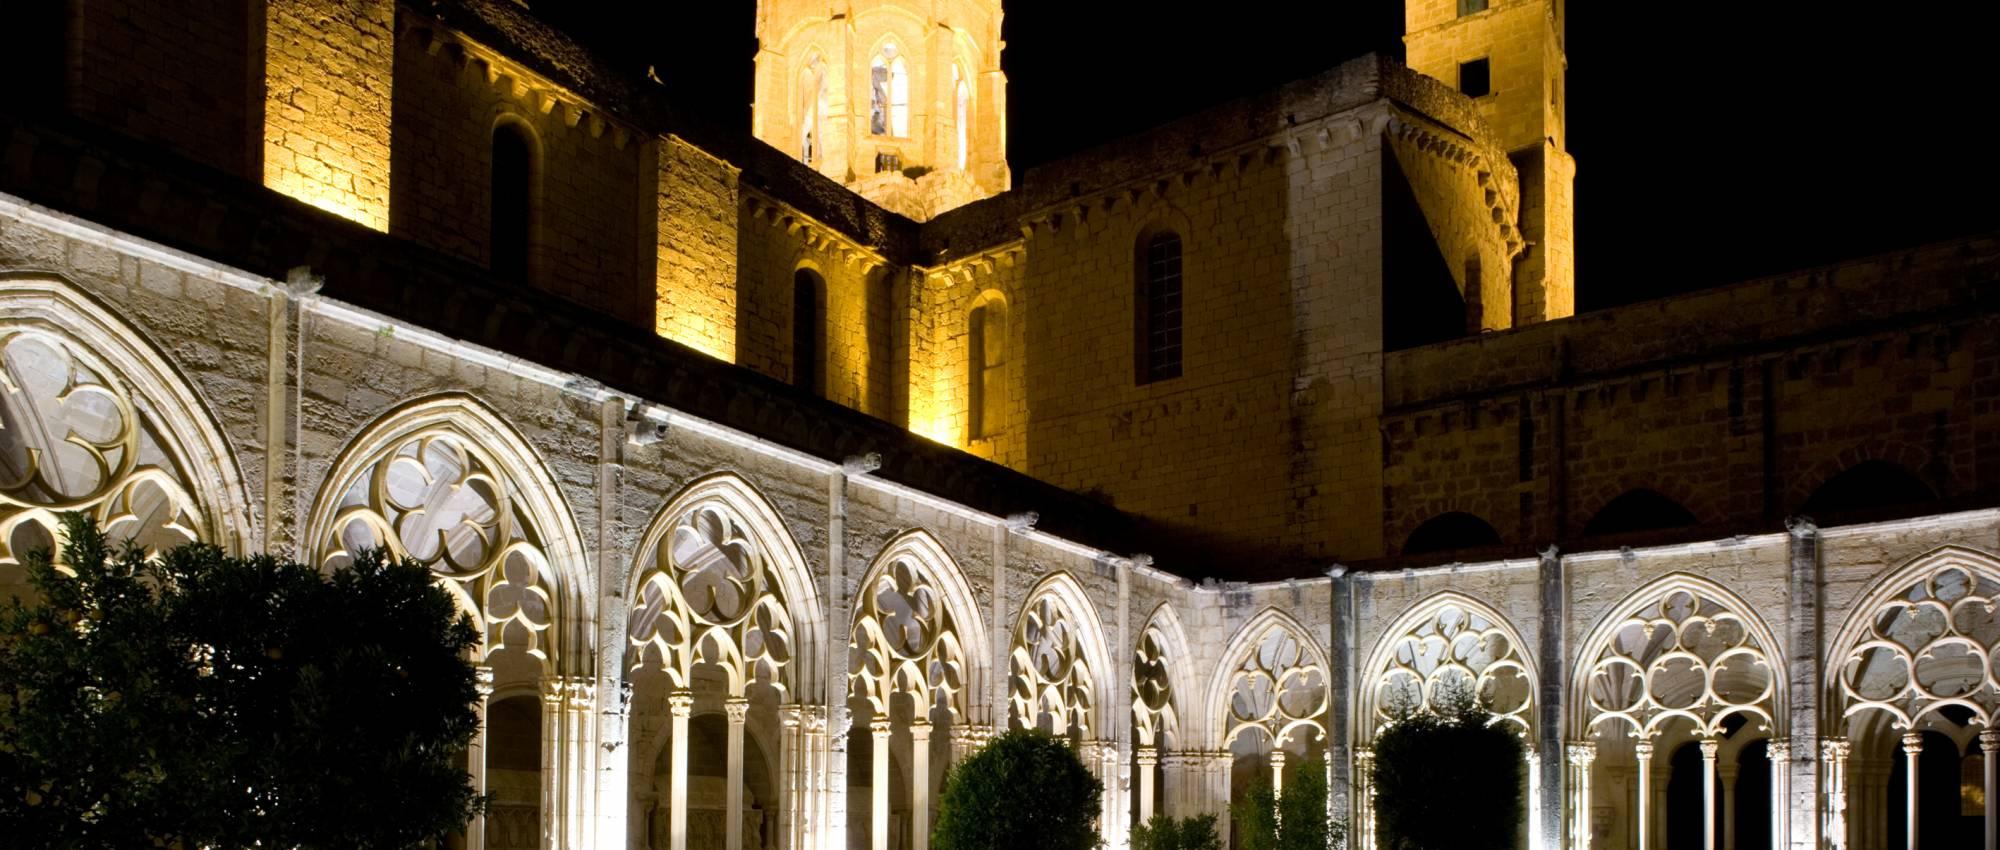 Reial Monestir de Santes Creus  Patrimoni Cultural. Generalitat de Catalunya